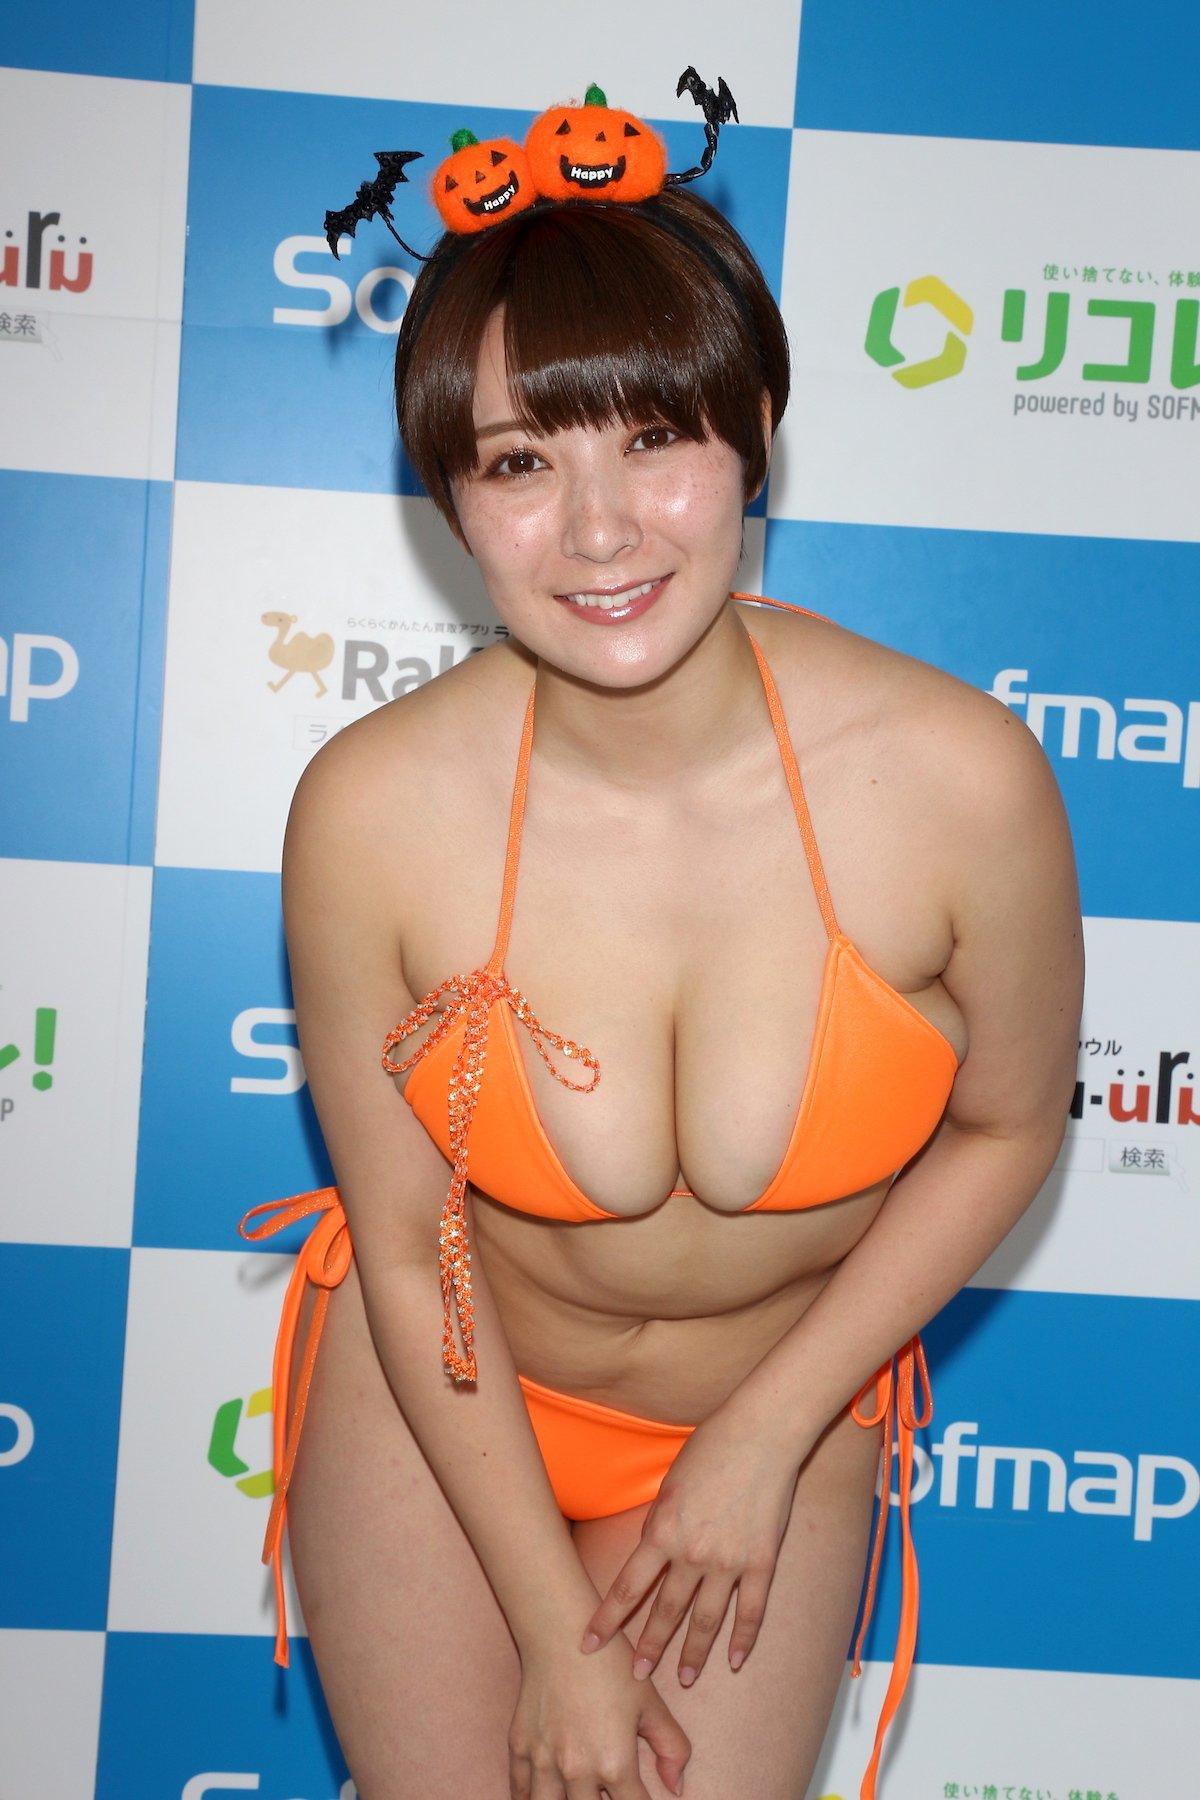 紺野栞「SM嬢に初挑戦」ムチを覚えて感動しました【画像49枚】の画像032